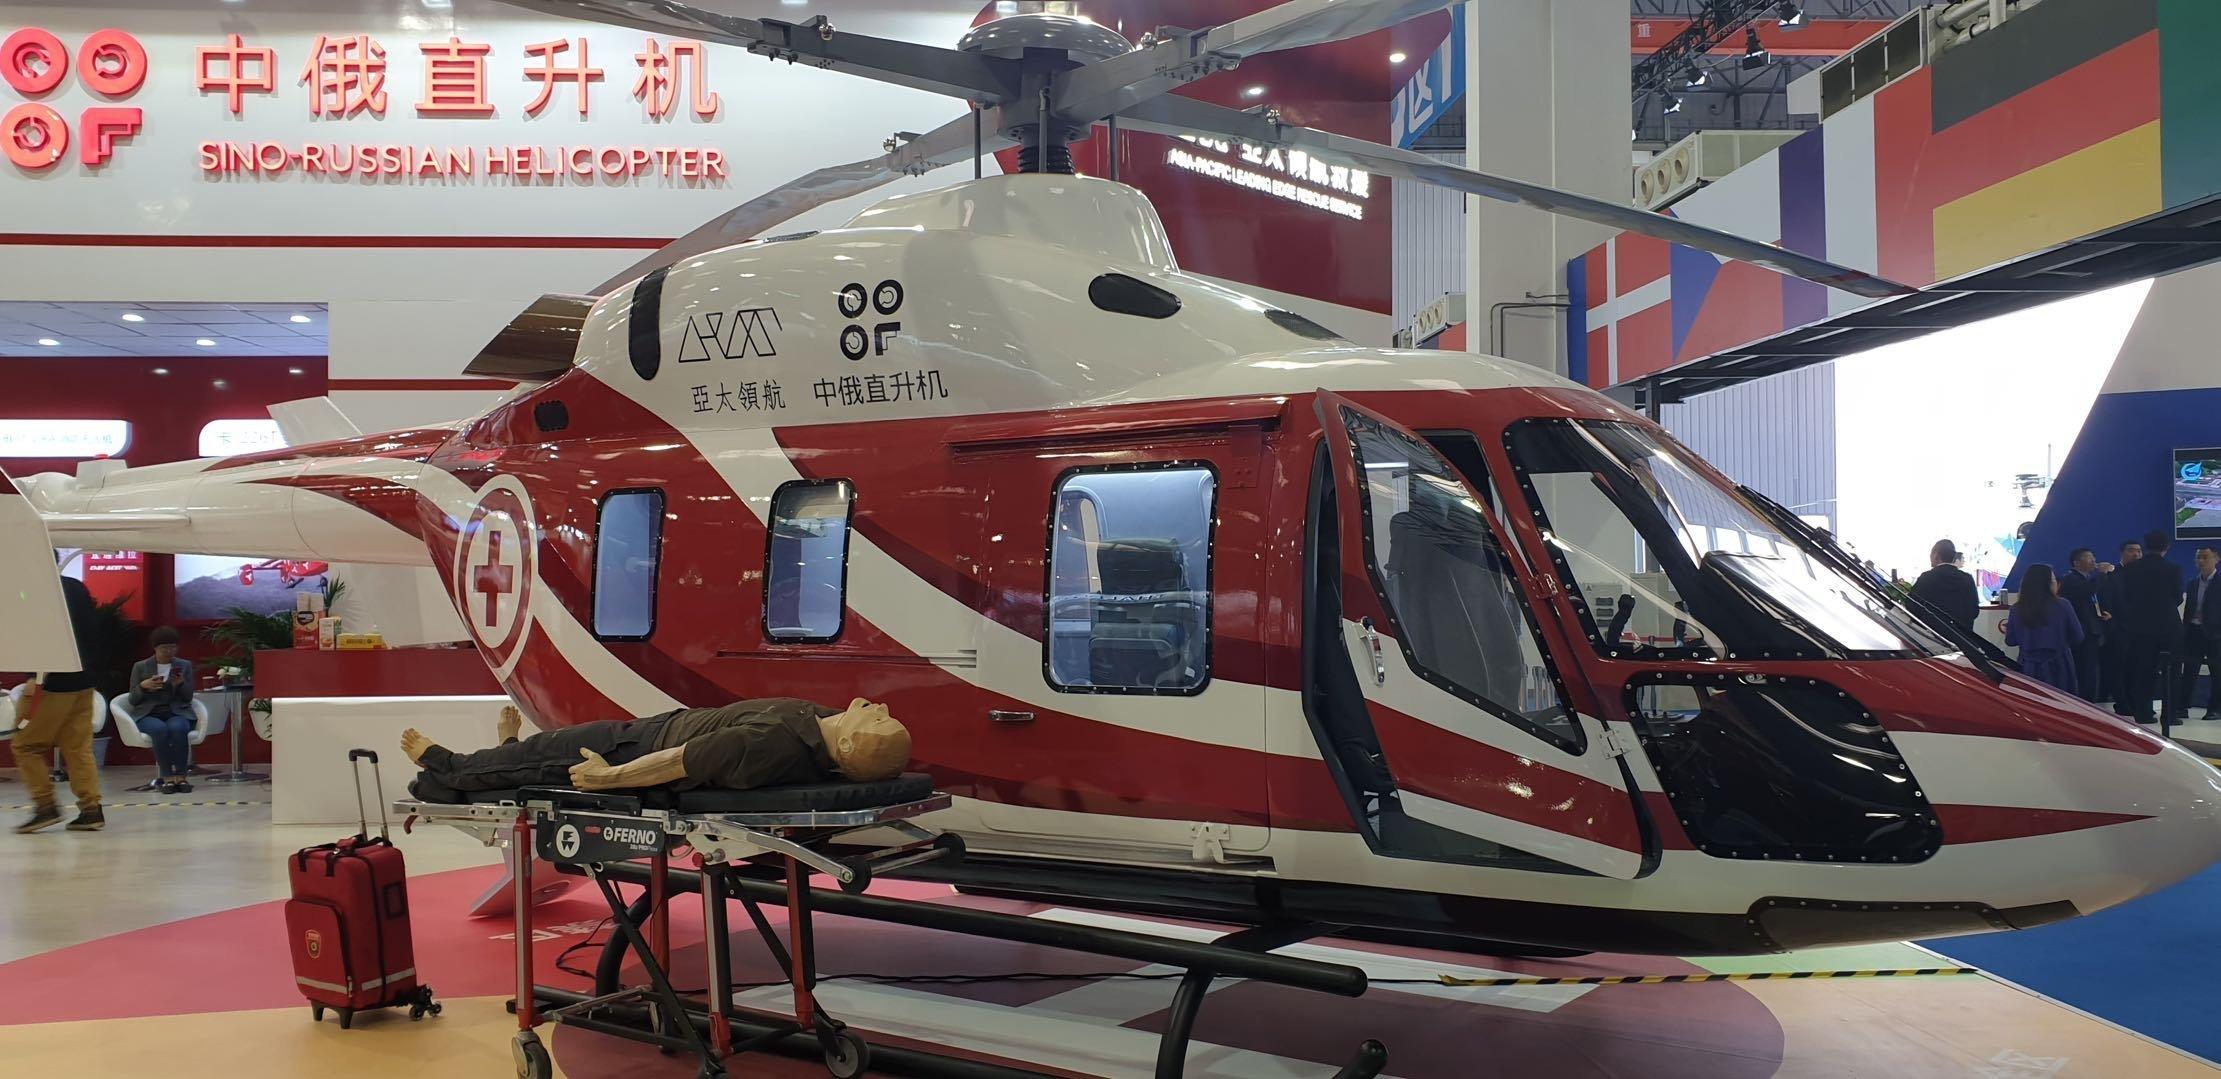 俄罗斯直升机集团公司将向中国交付首批2架安萨特直升机